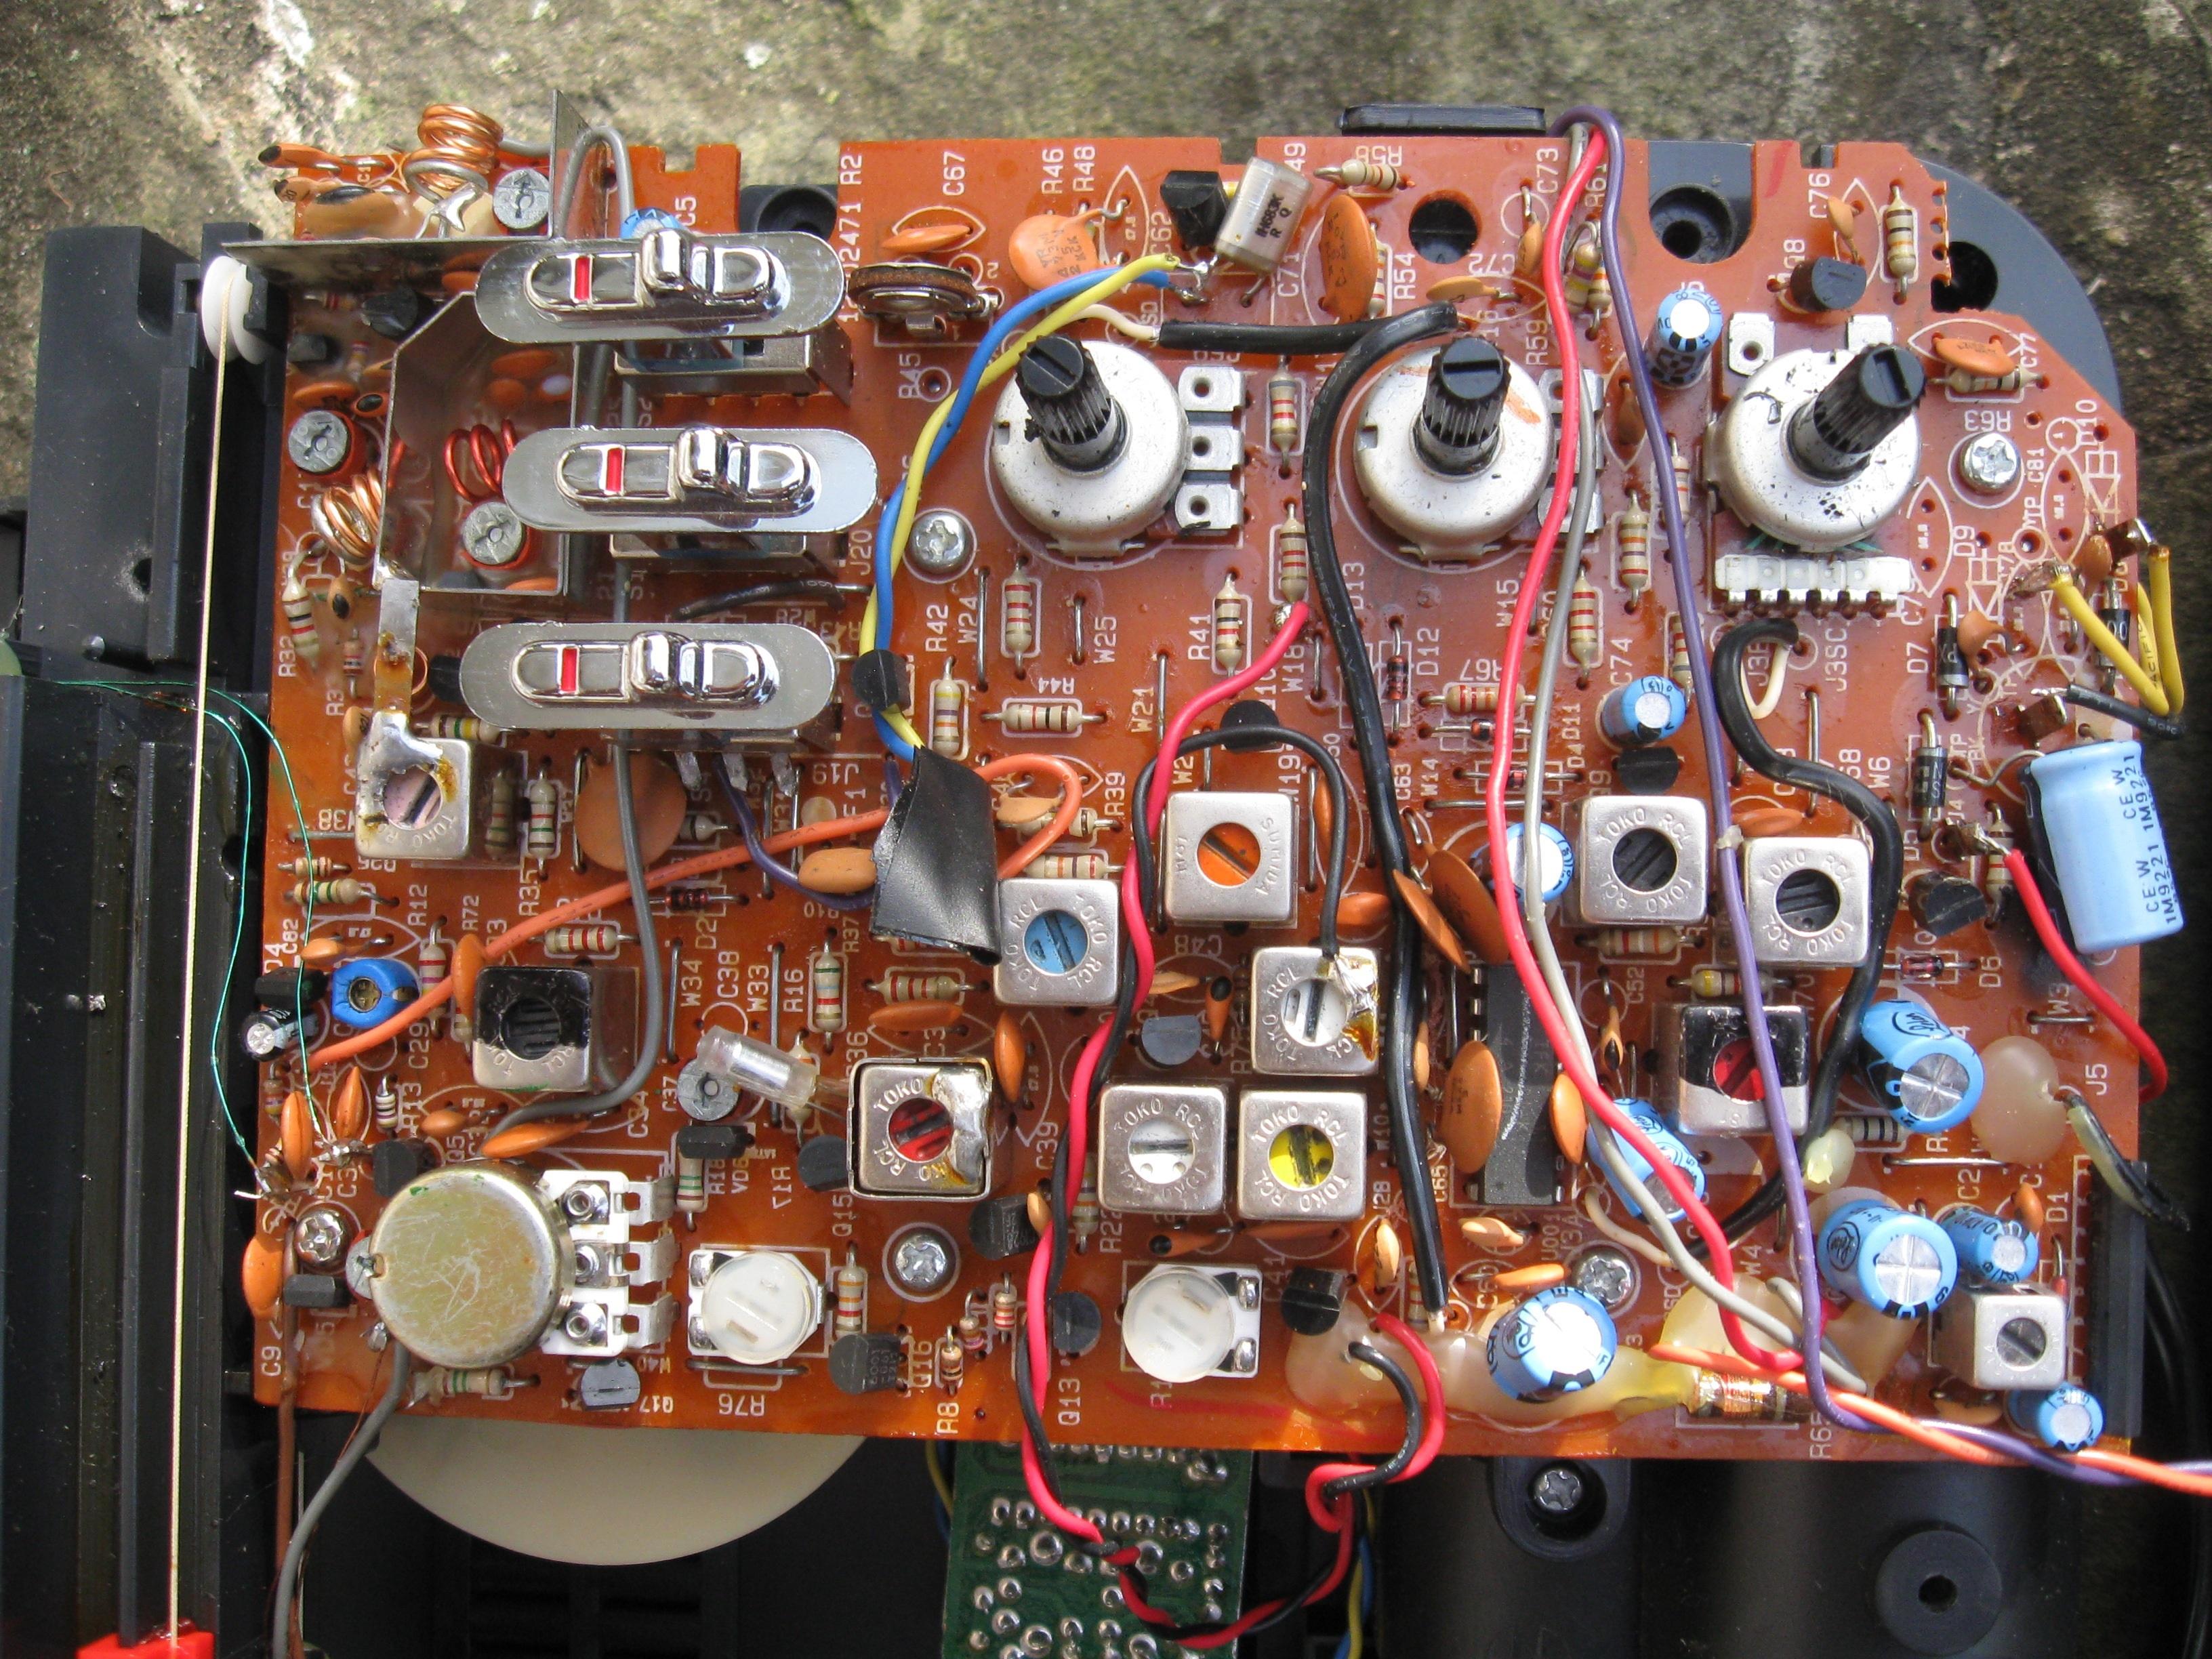 Superadio PC board